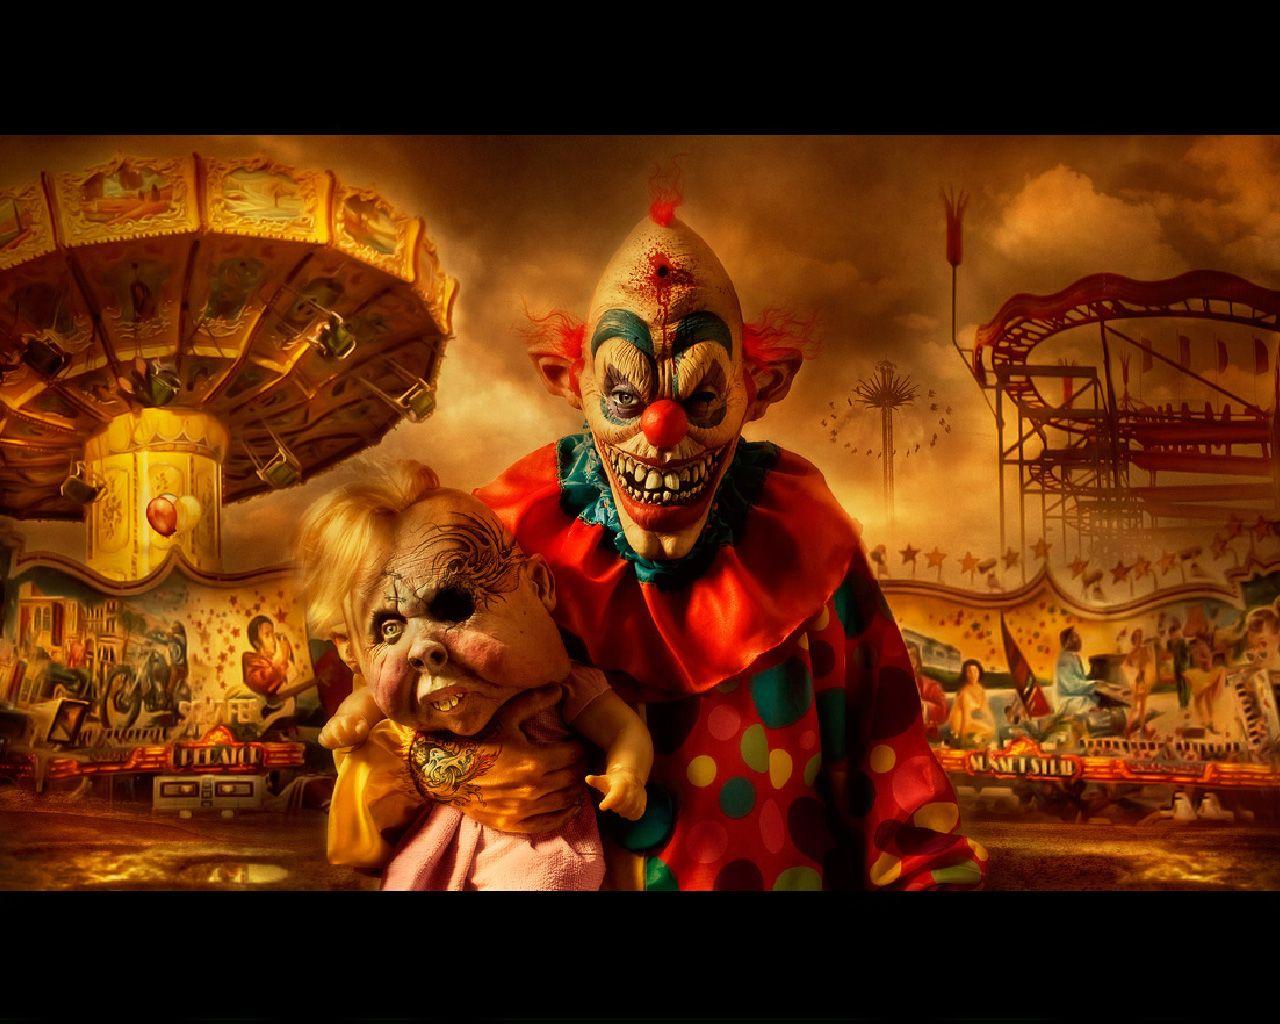 evil clowns | Carnival Of Horror, carnival, clown, evil, horror